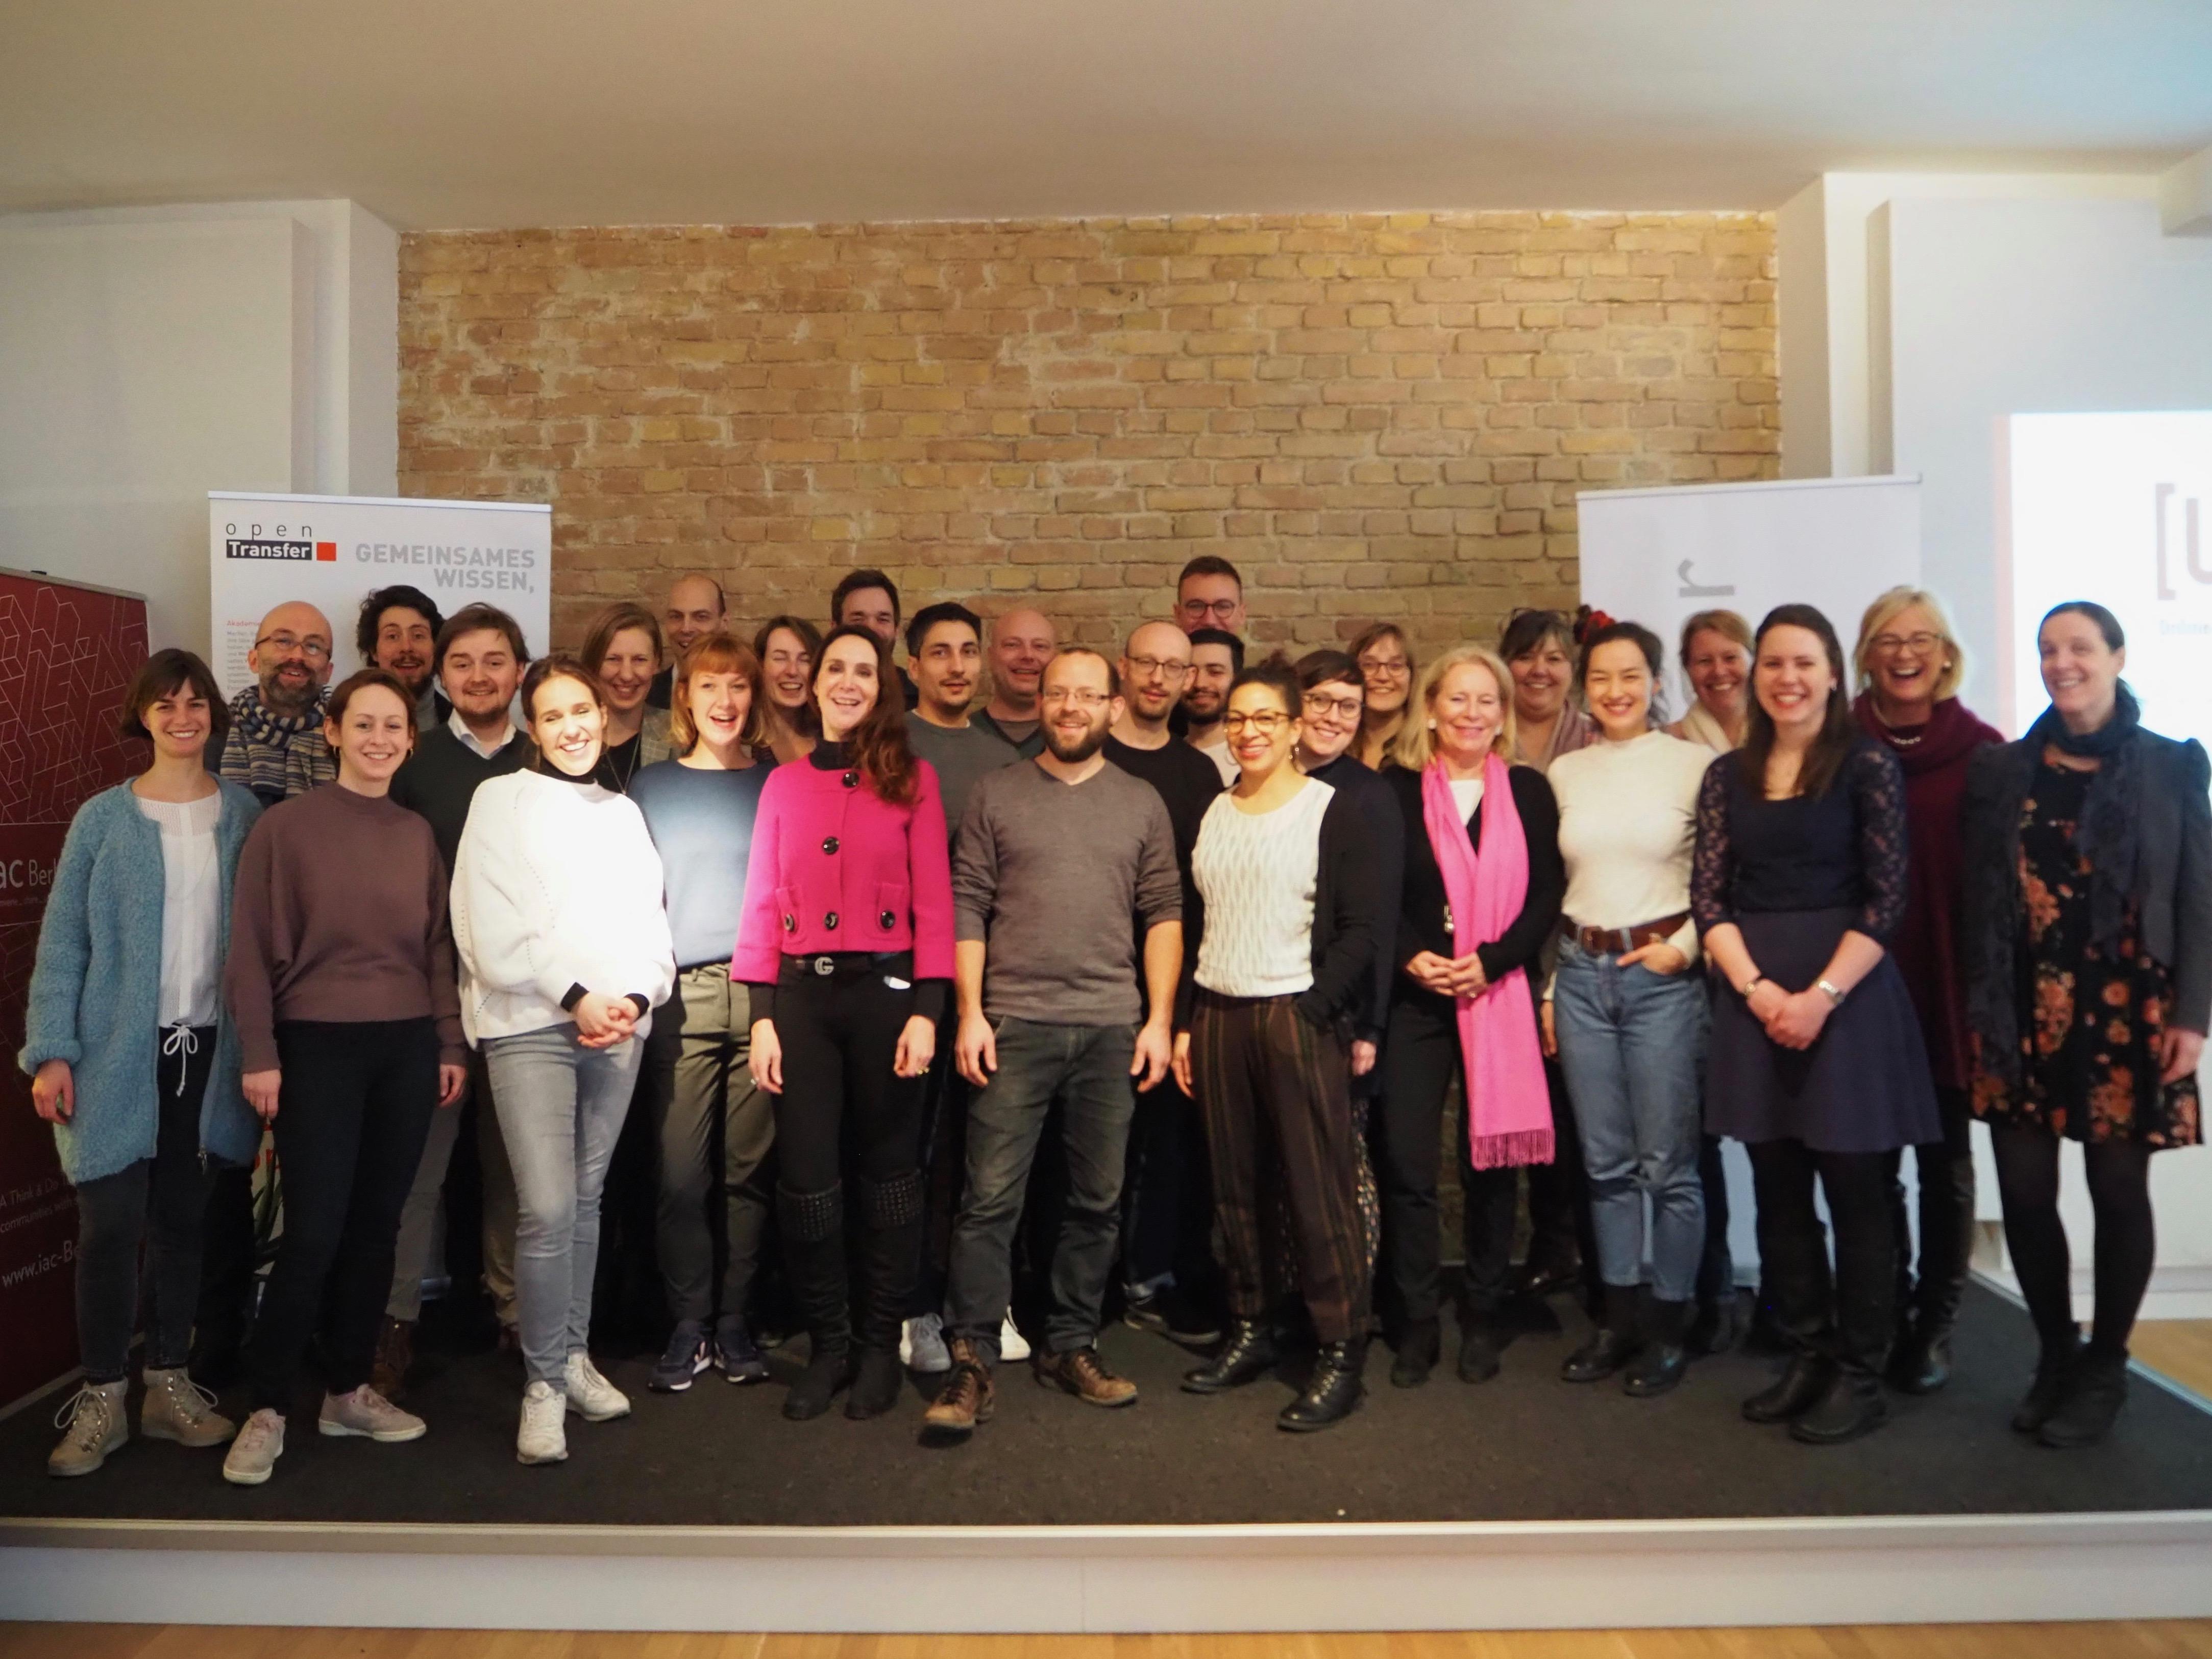 Eine Gruppe aus 20 jungen Männern und Frauen